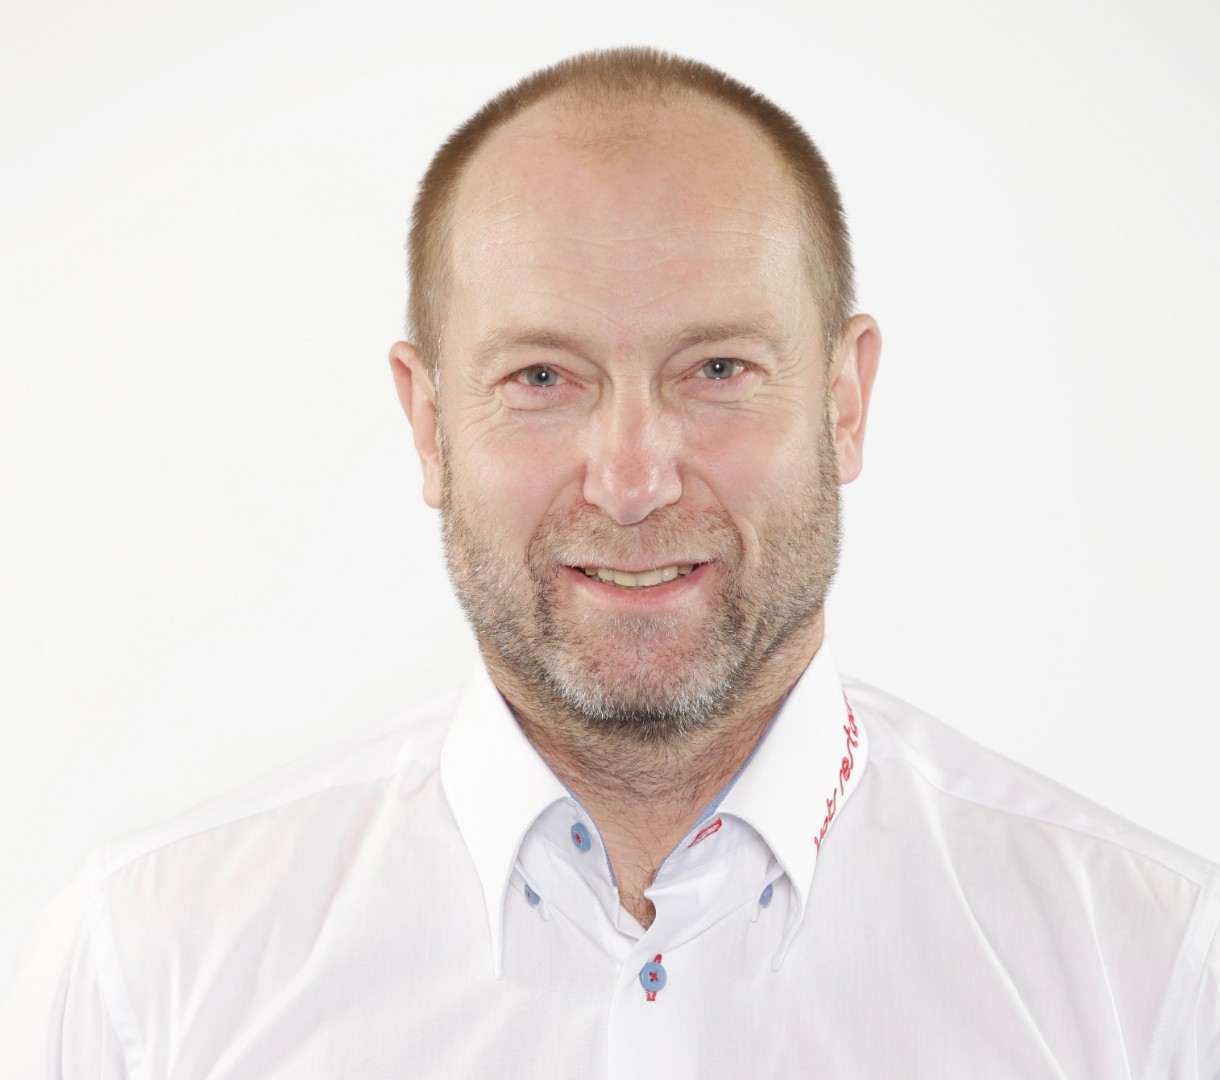 MUDr. Petr Holub